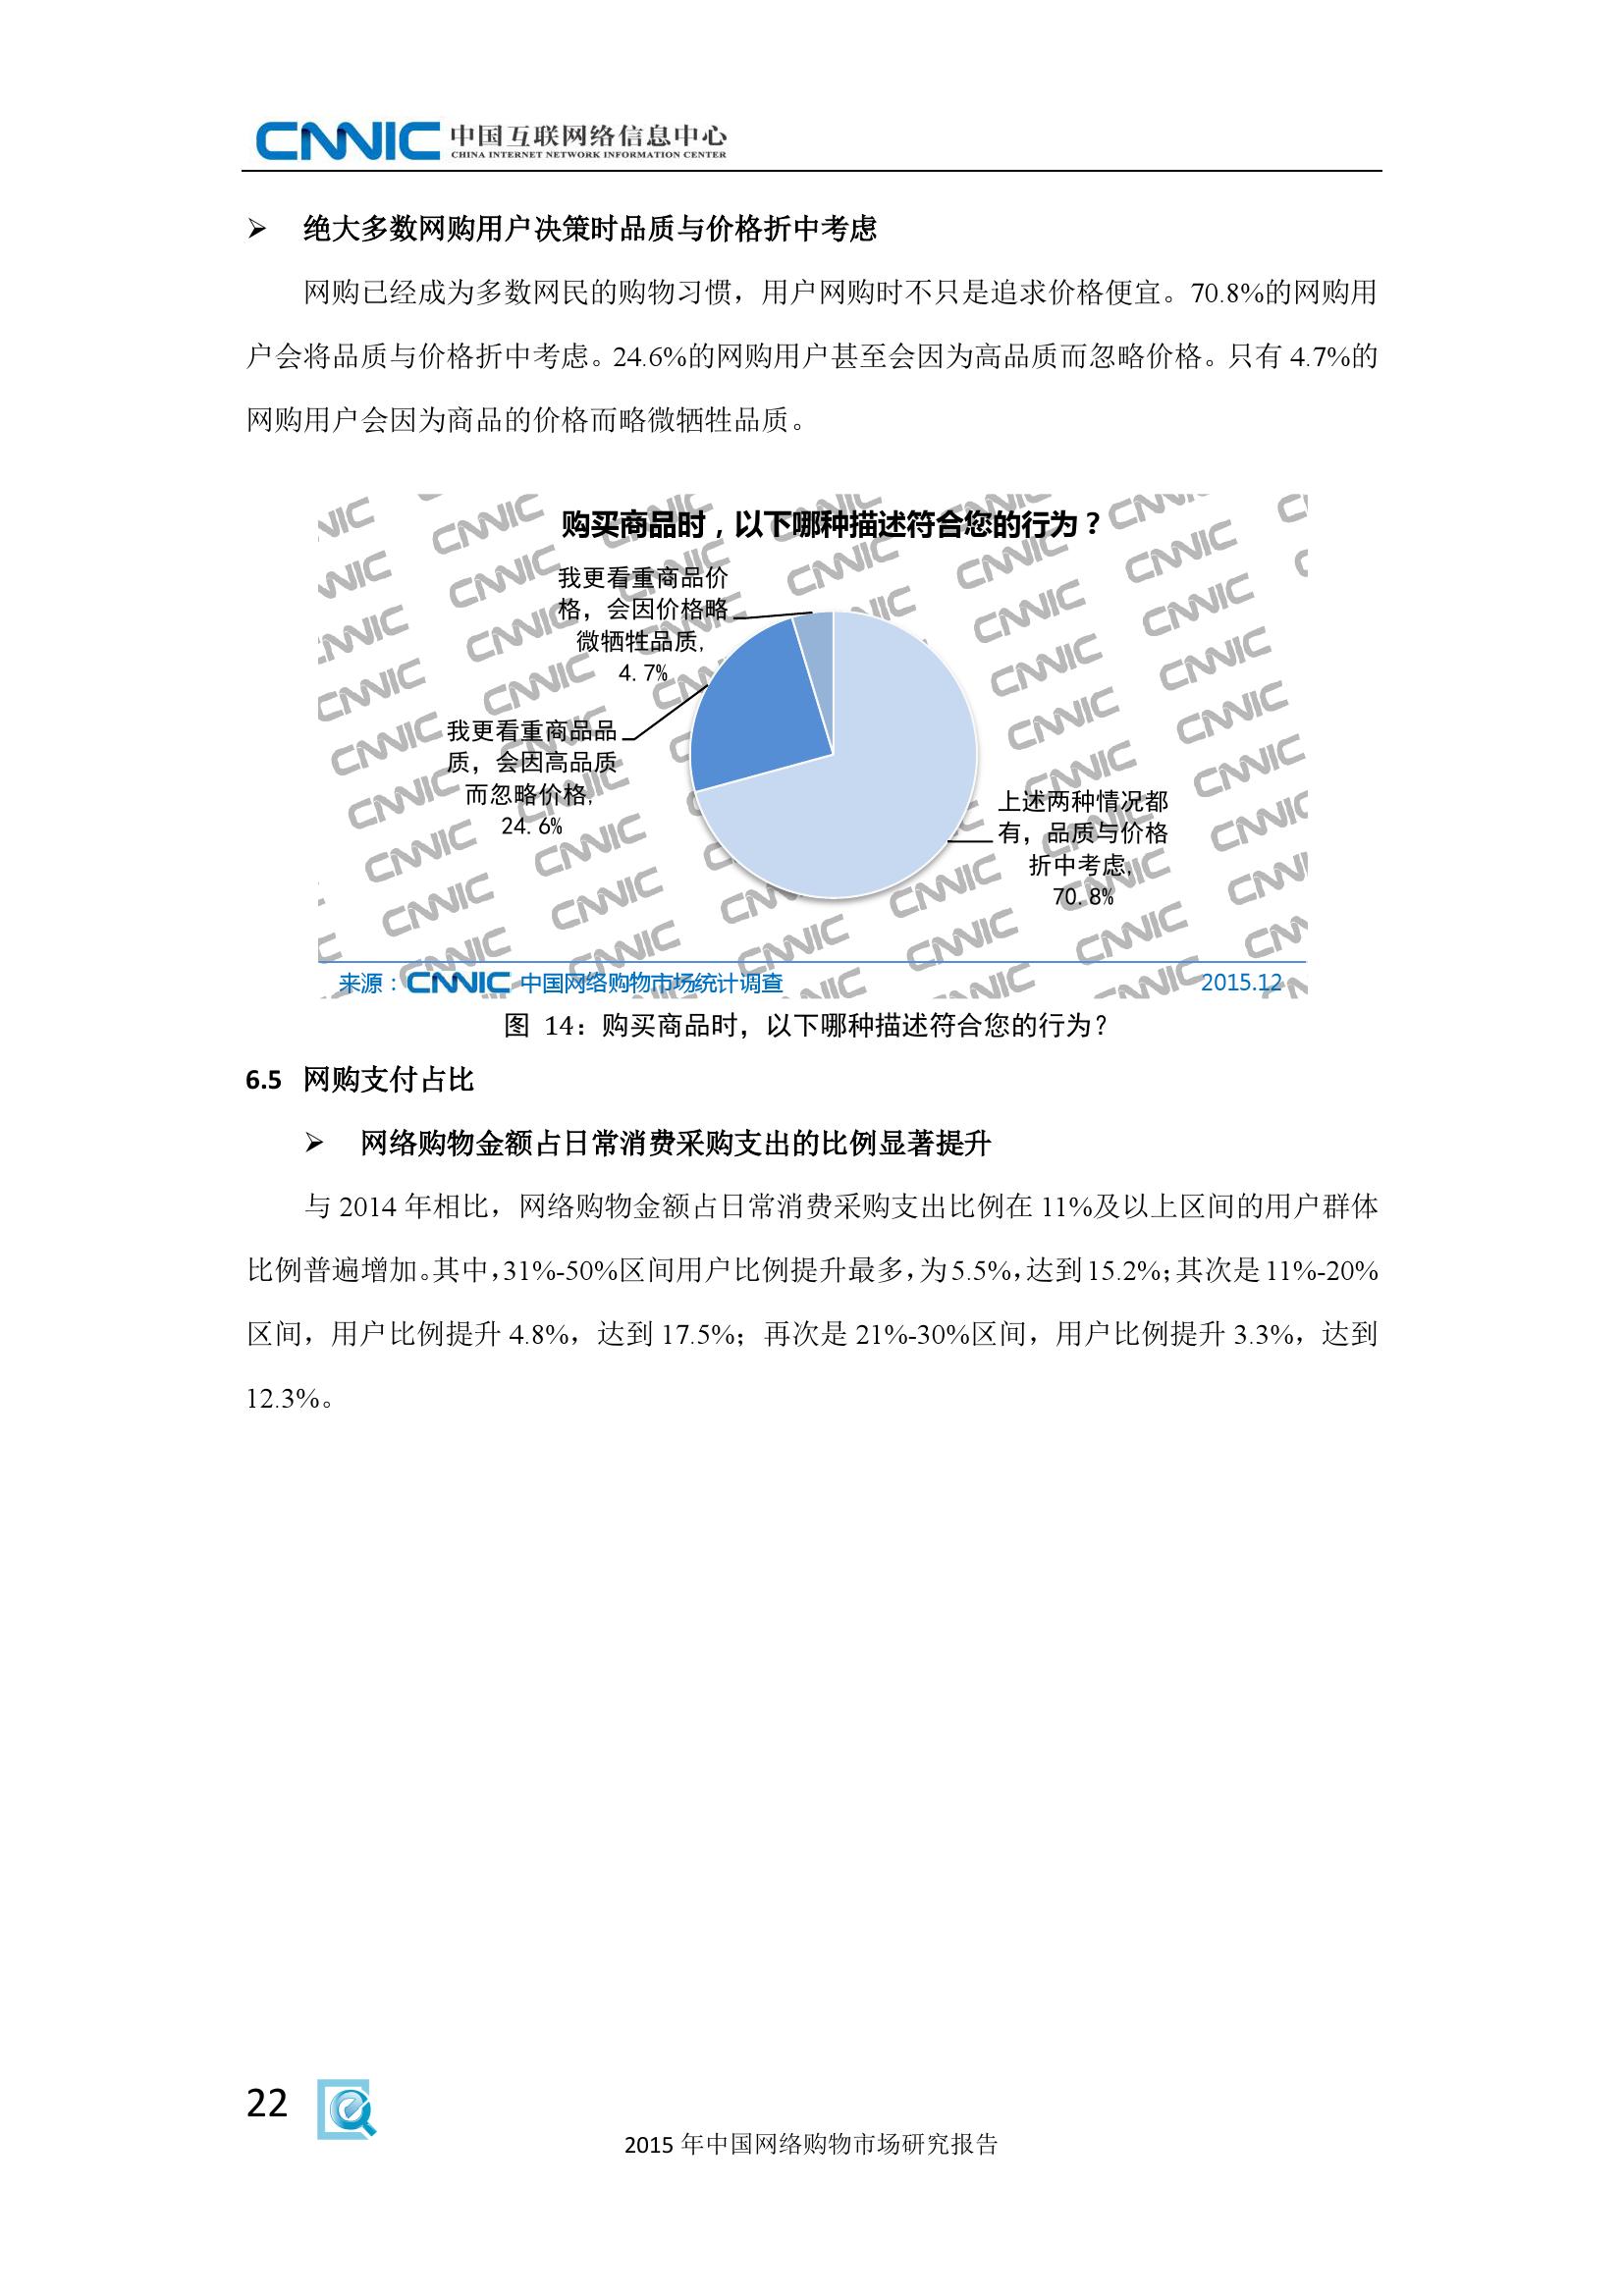 2015年中国网络购物市场研究报告_000030